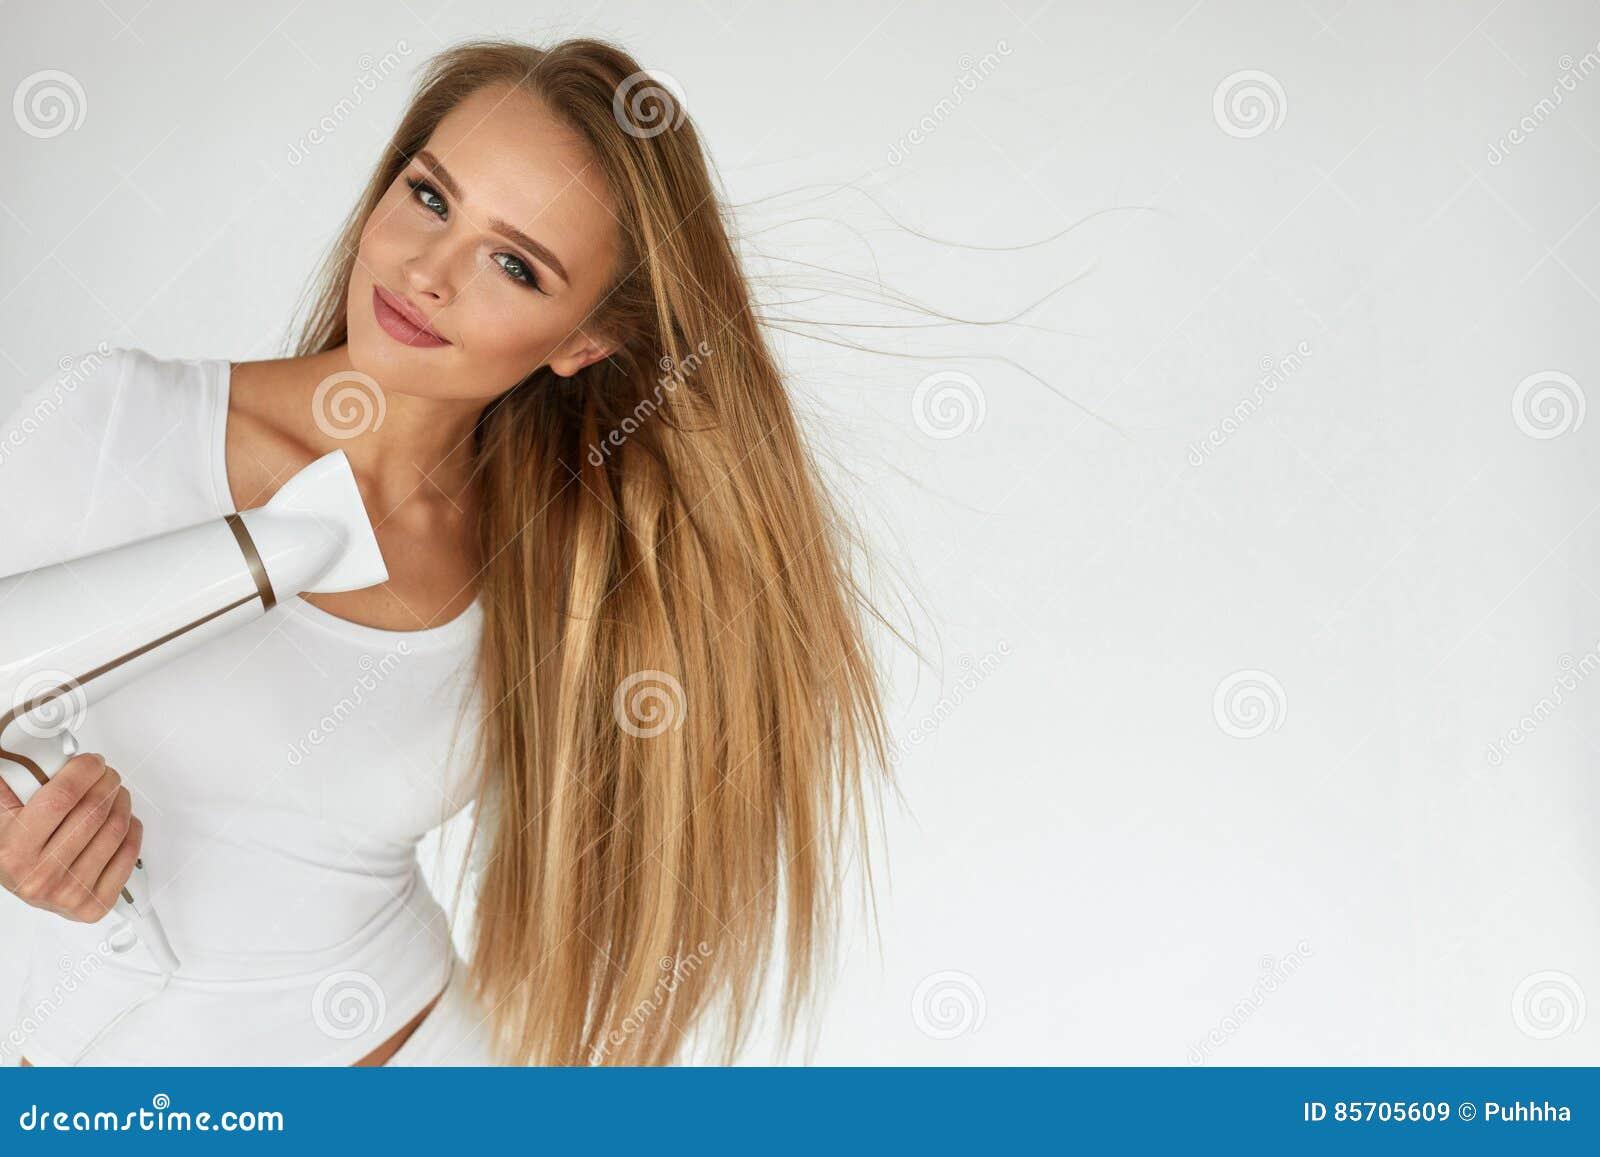 Cura di capelli Bella donna sorridente che asciuga capelli diritti lunghi  sani facendo uso del fon Ritratto della ragazza attraente con capelli biondi  ... ffaed190030